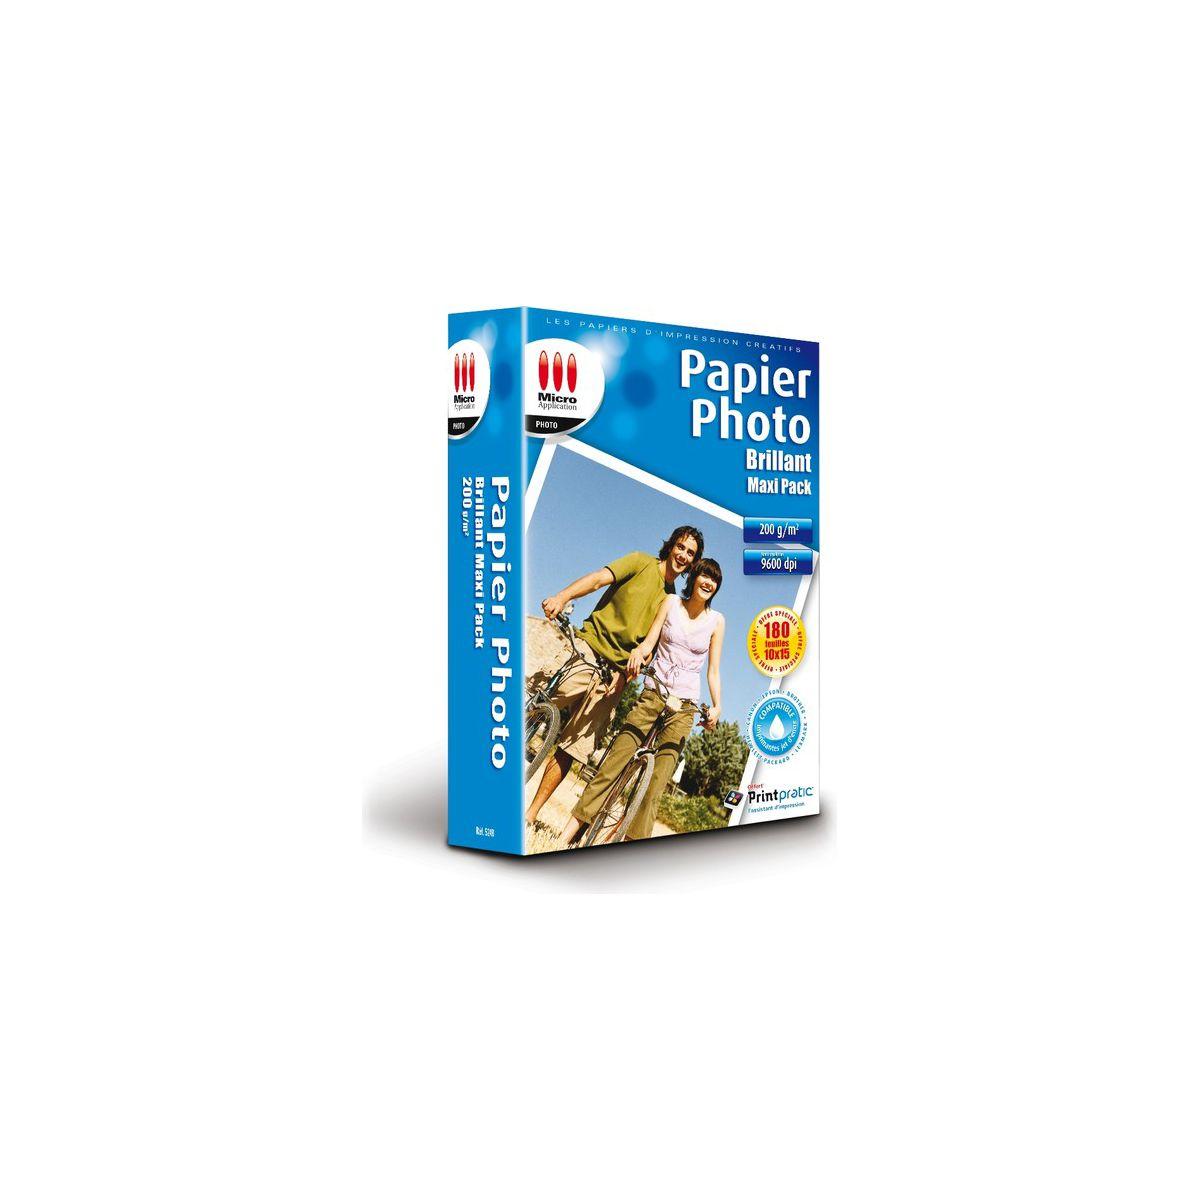 Papier photo micro application photo maxi pack 10x15 brillant 200g 180 feuilles - 3% de remise immédiate avec le code : multi3 (photo)